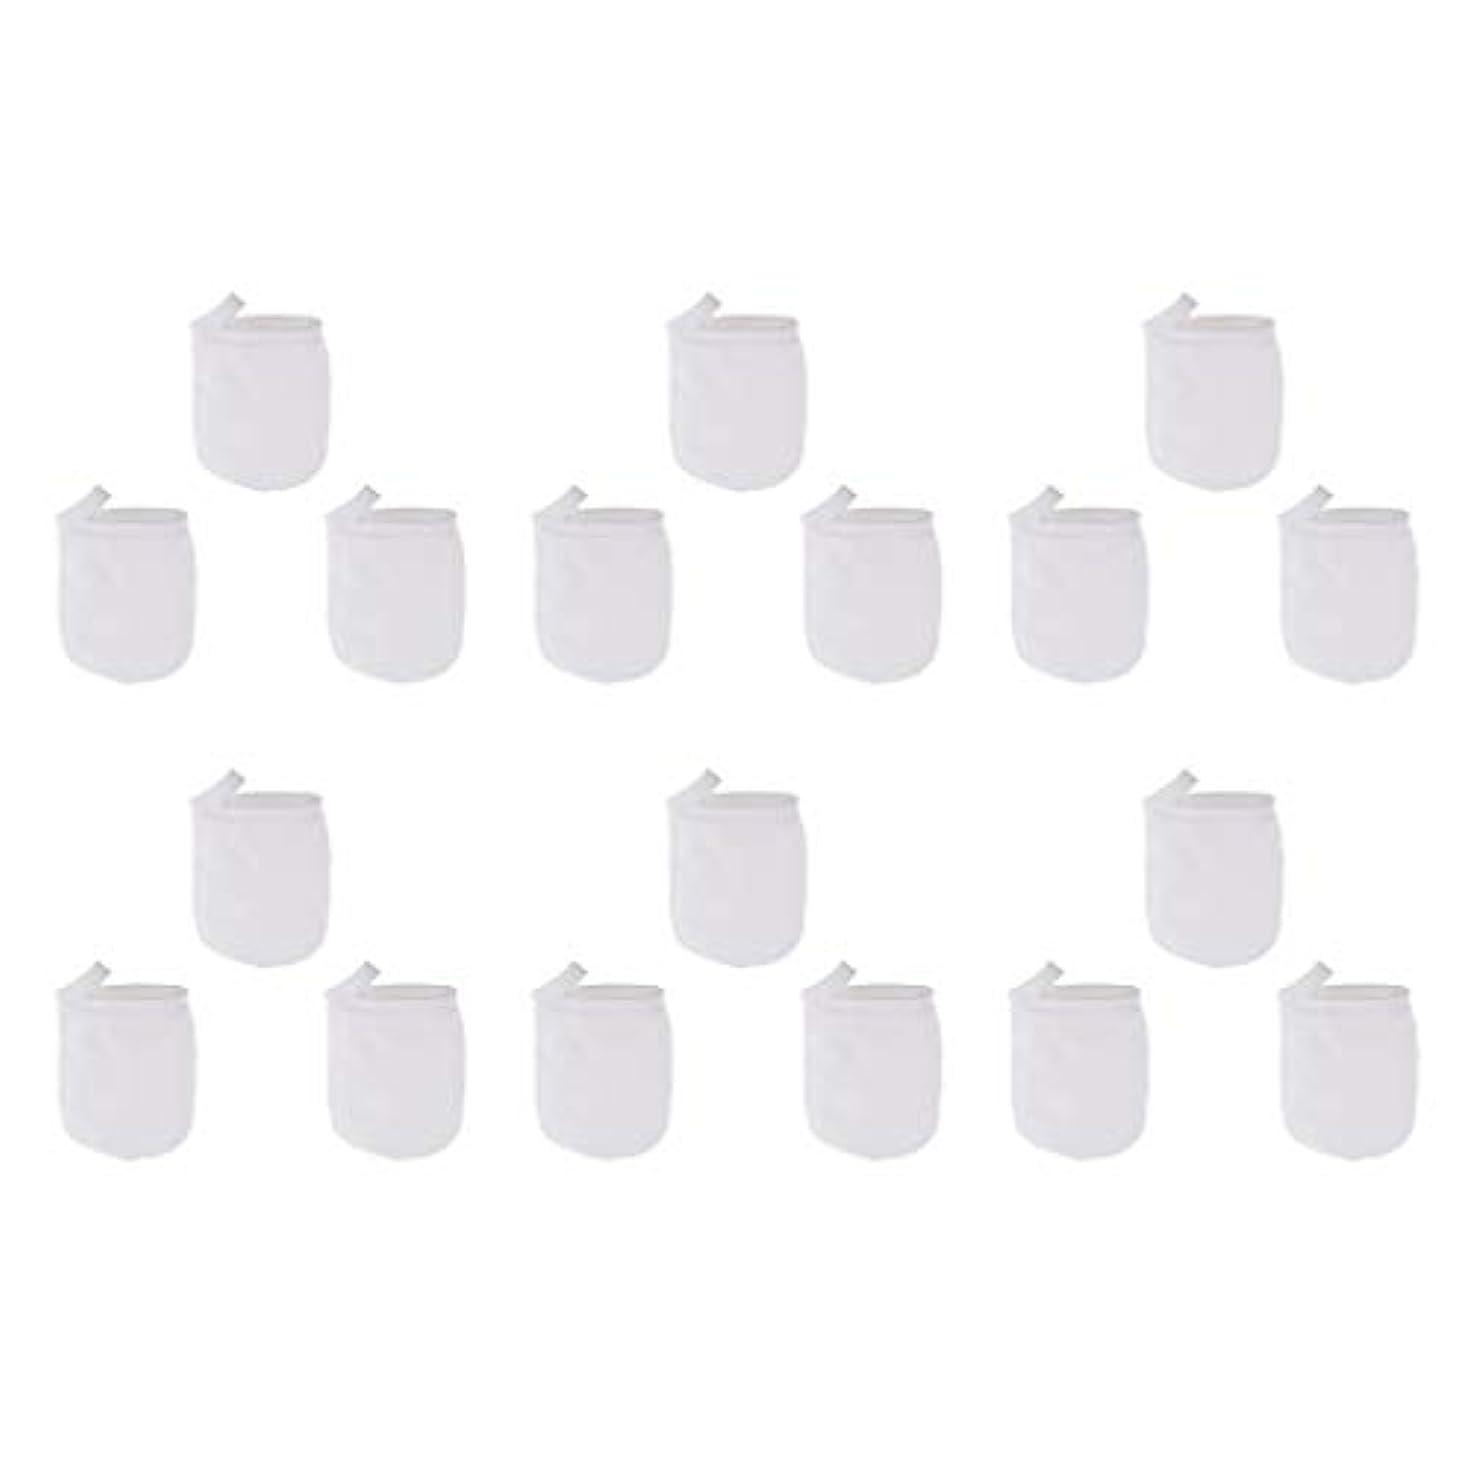 不運呼ぶキャンセルCUTICATE 洗顔手袋 フェイスクレンジング手袋 再利用可能な 柔らかい マイクロファイバー リムーバー 洗顔